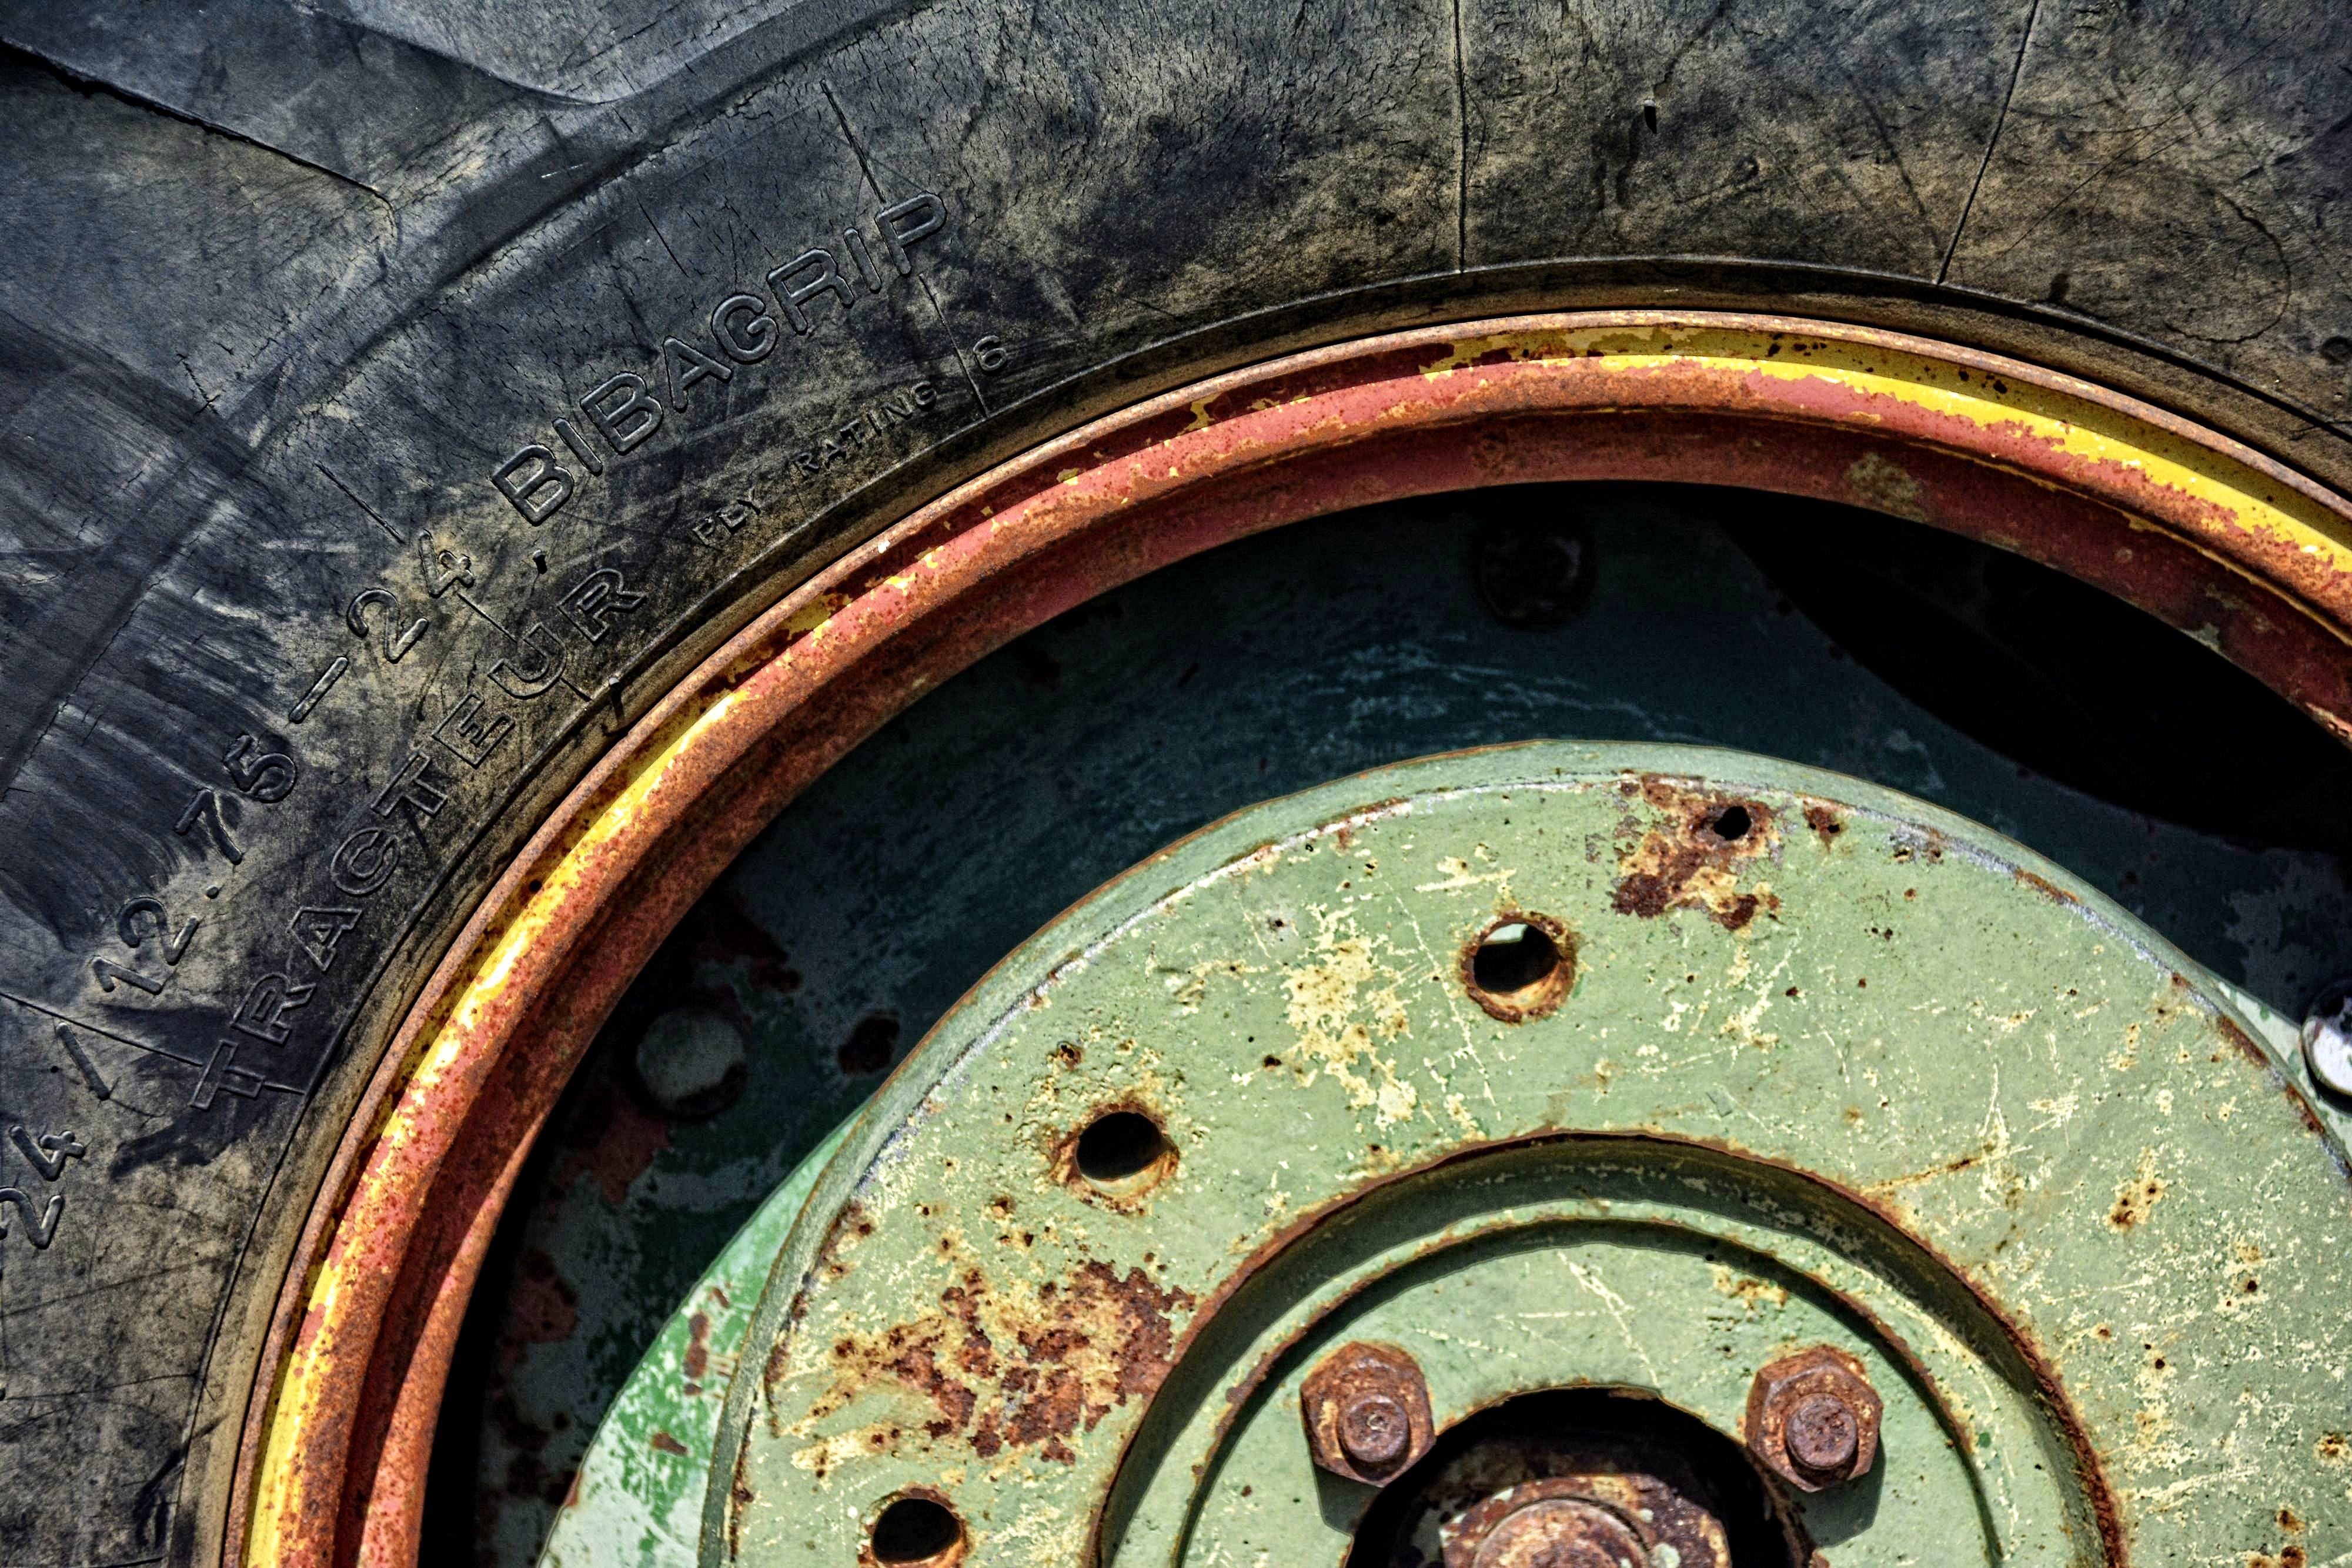 bibagrie-pneu-tracteur-vintage-mecanique